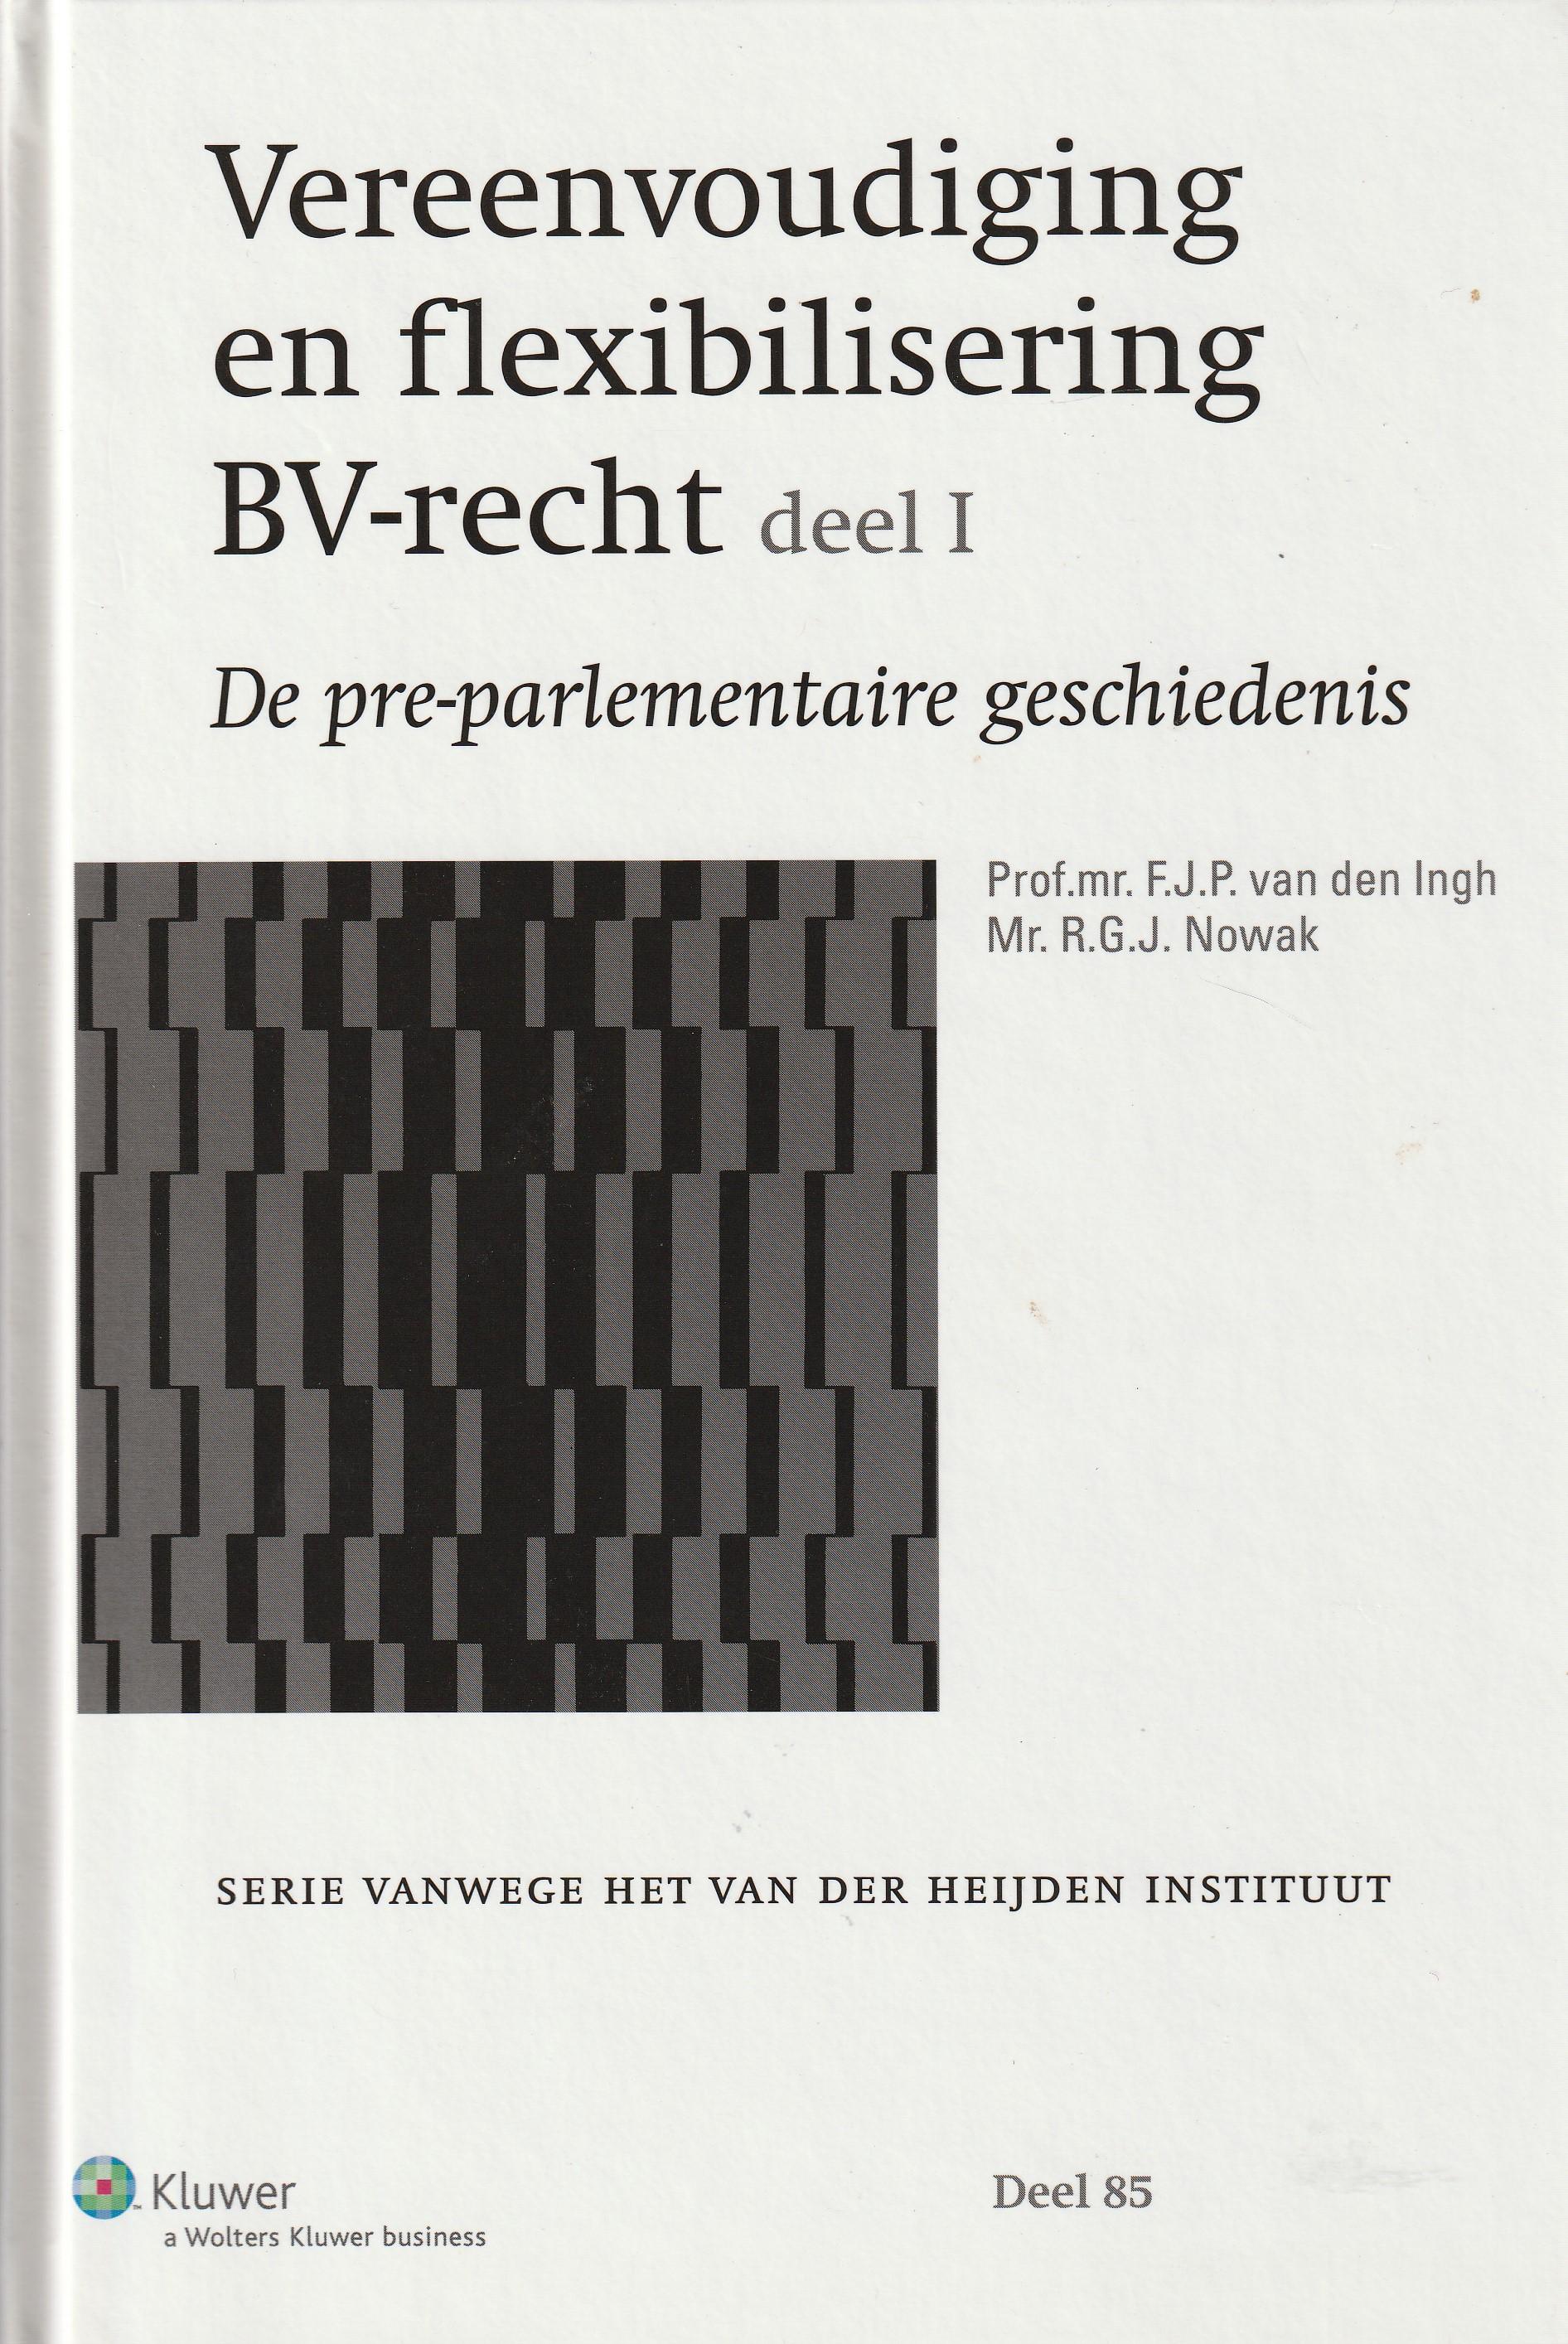 Vereenvoudiging en flexibilisering BV-recht - Deel 1: De pre-parlementaire geschiedenis